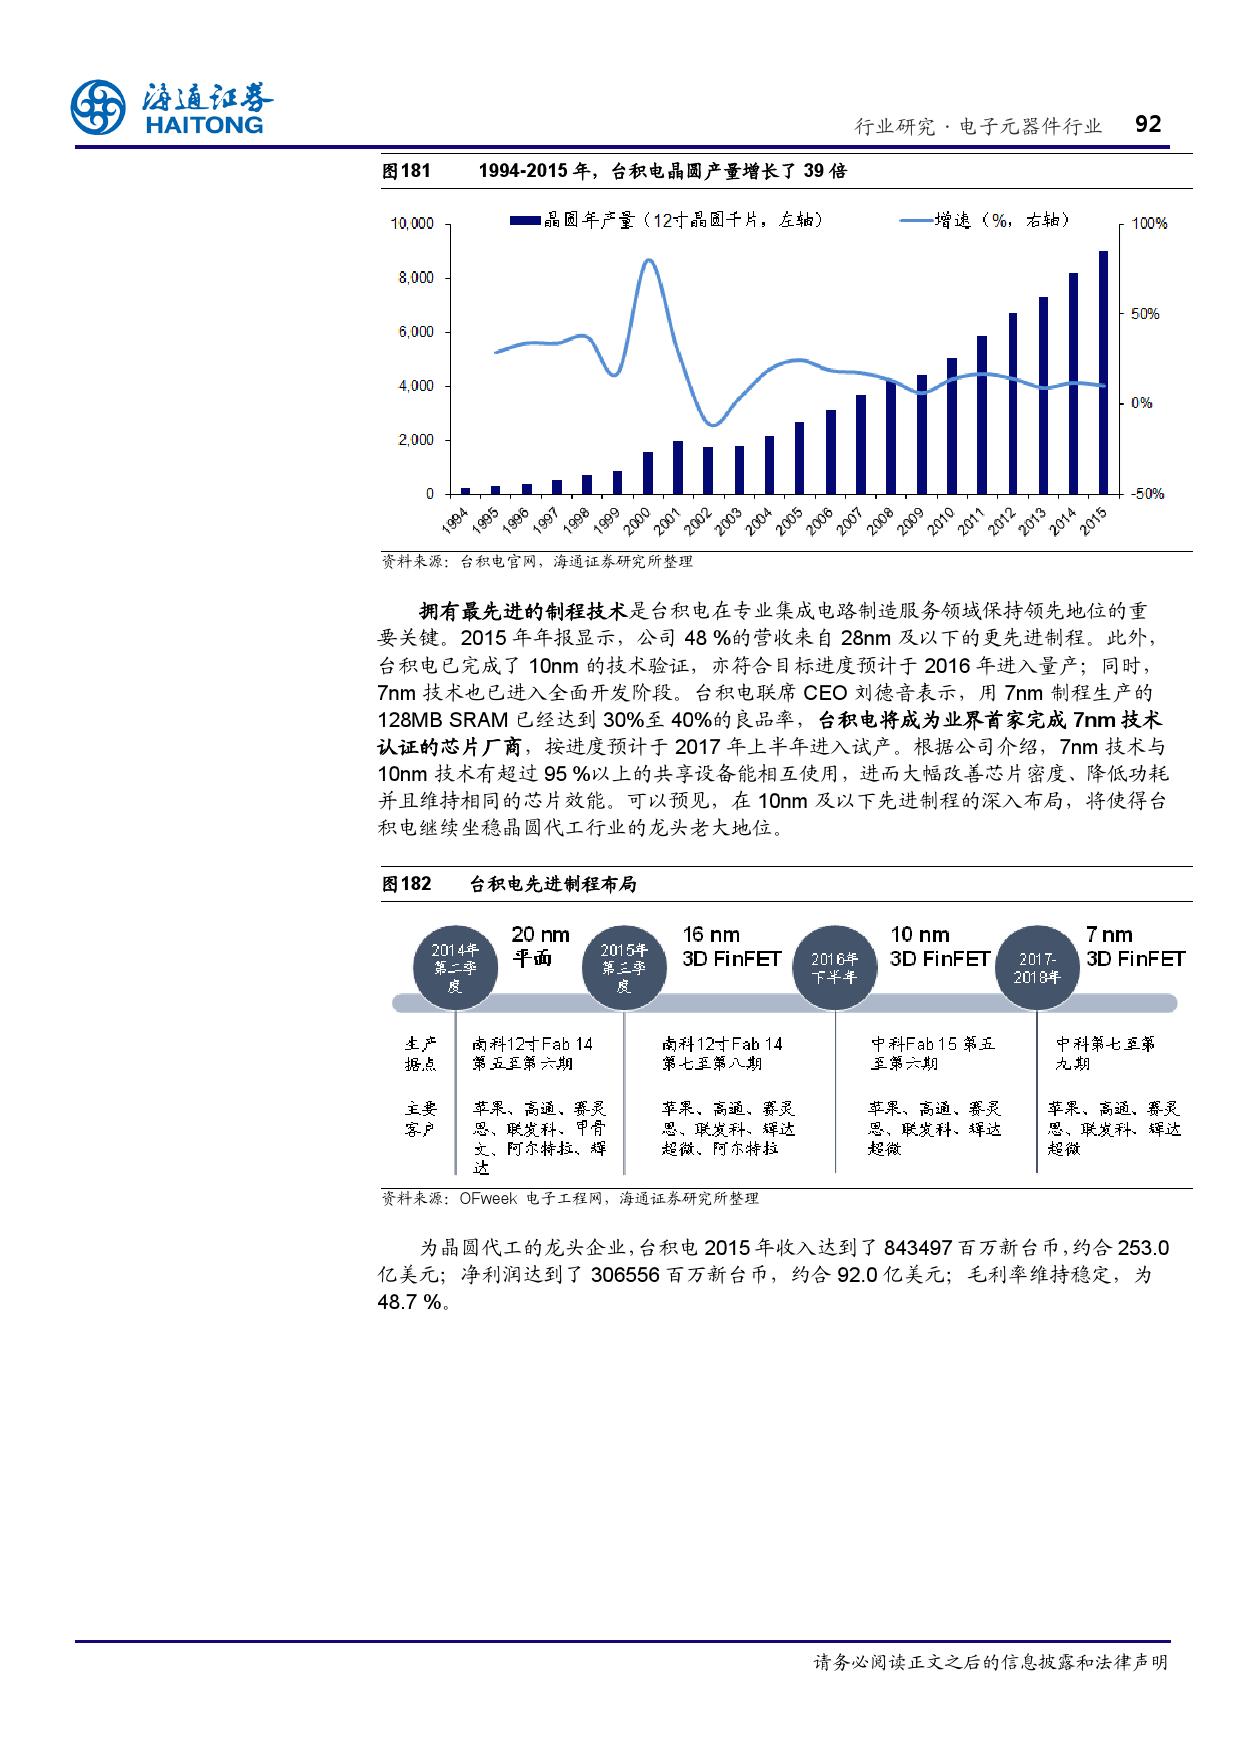 报告全解传感器全球产业链_000092